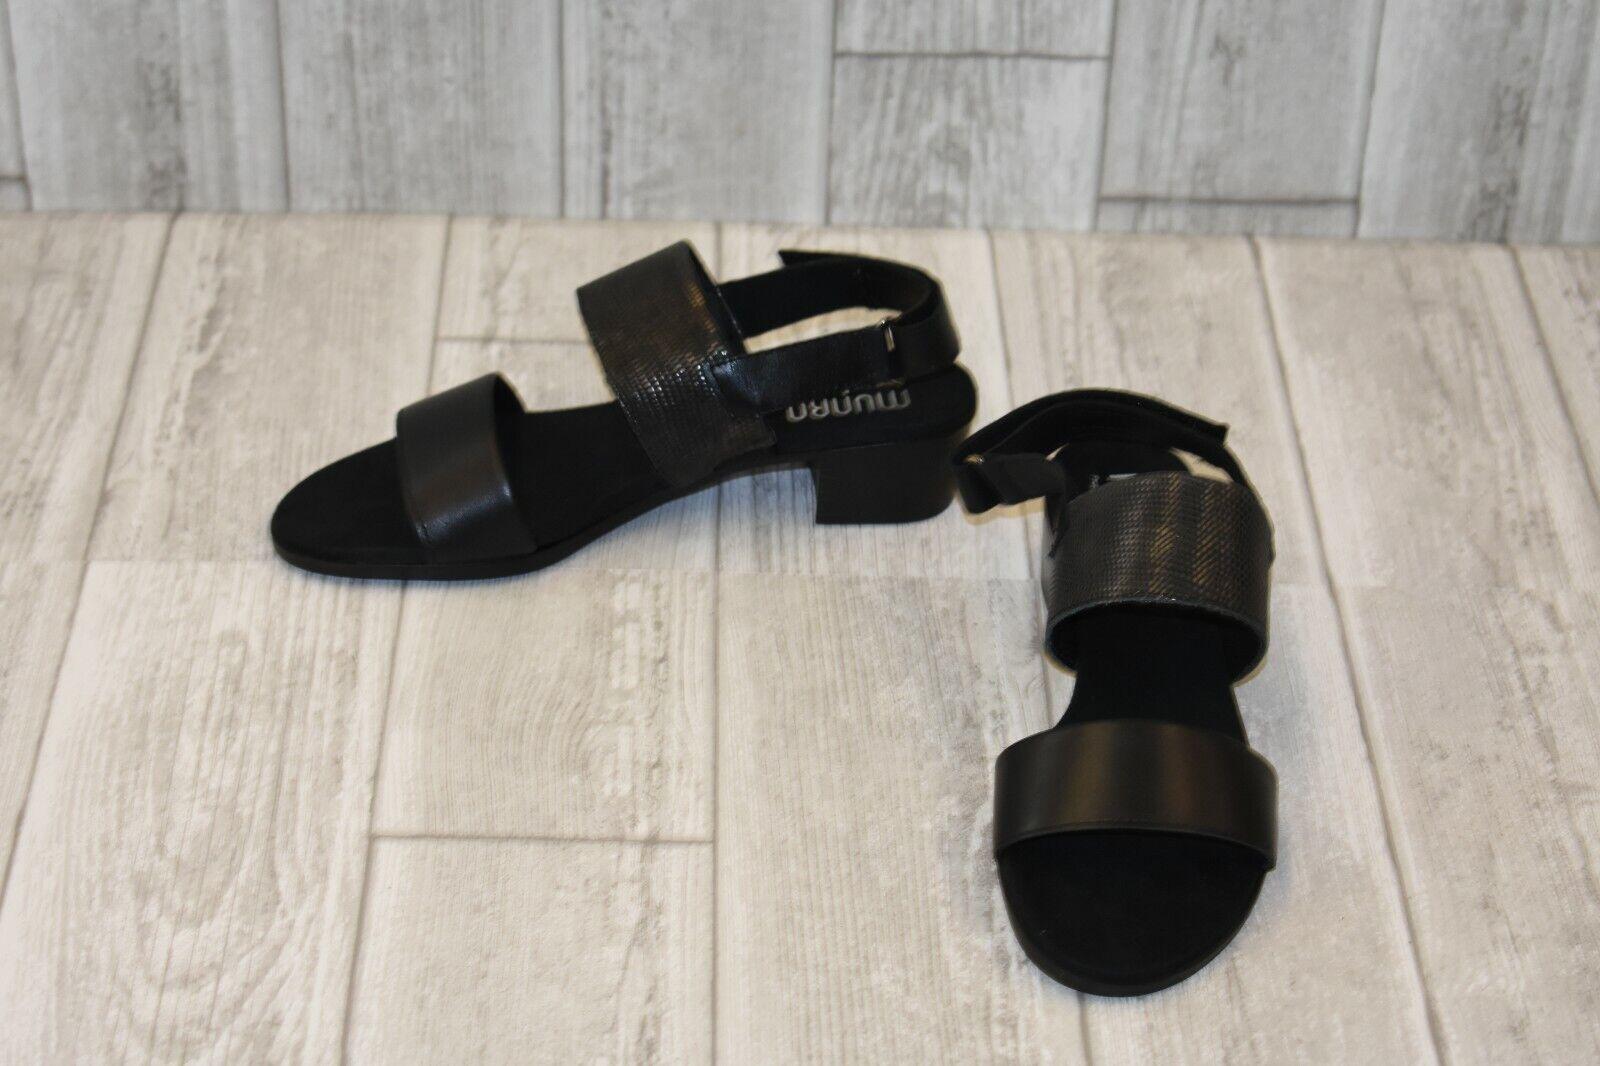 Munro Kristal Sandal - Women's Size 7.5N, 7.5N, 7.5N, Black 4c7c4c